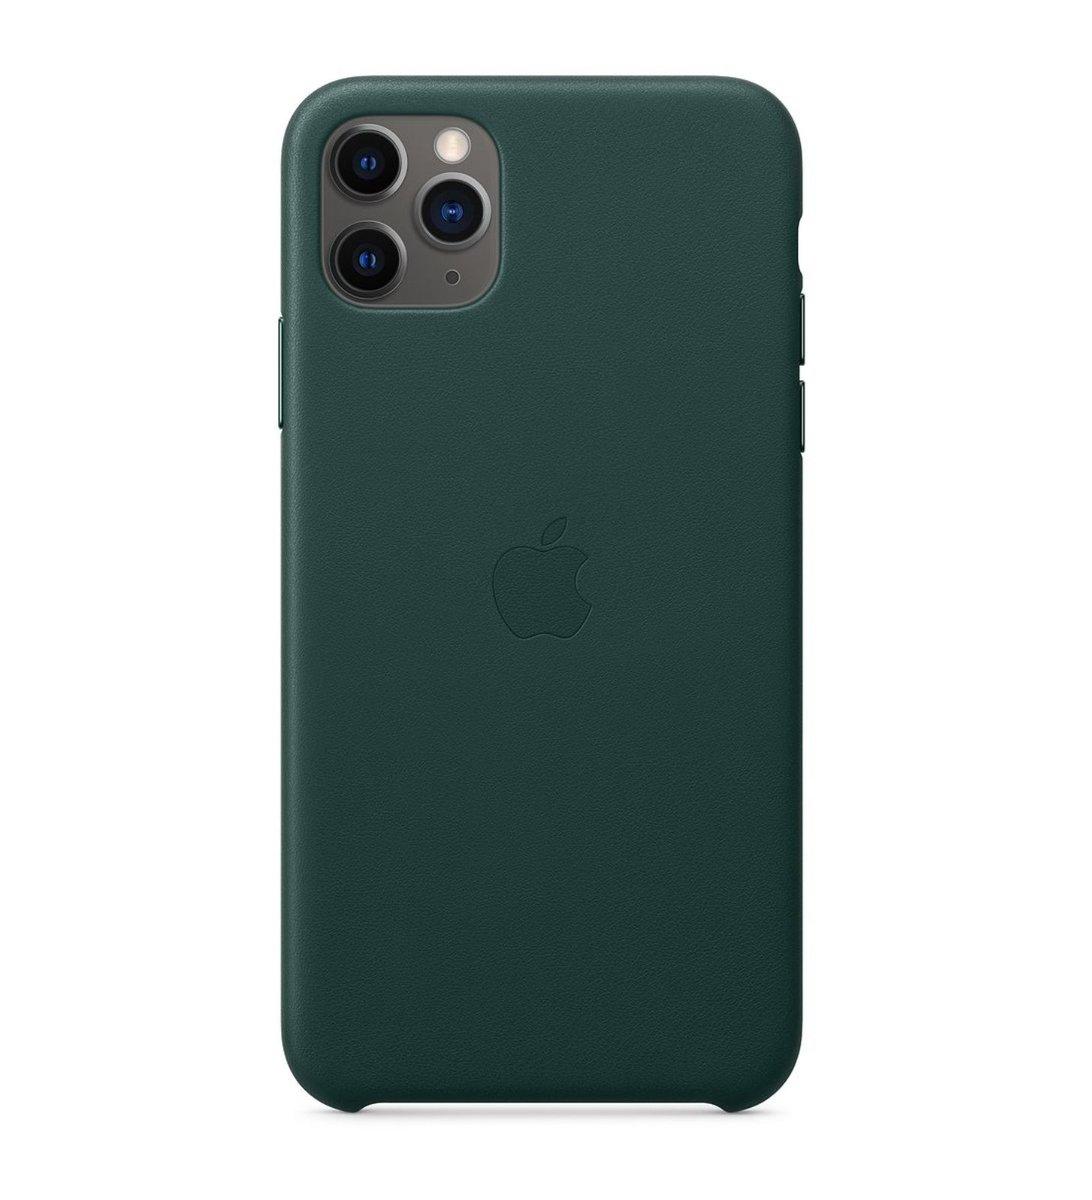 【#山下智久 さん着用アイテム】本日 (2/23) UPされたInstagramの動画で、山下智久さんが使用していたスマホケースはこちらだと思います。落ち着いたフォレストグリーンのカラーが綺麗な、iPhone用レザーケースです📱✨🔽詳細はこちら#山下智久Instagram #山P